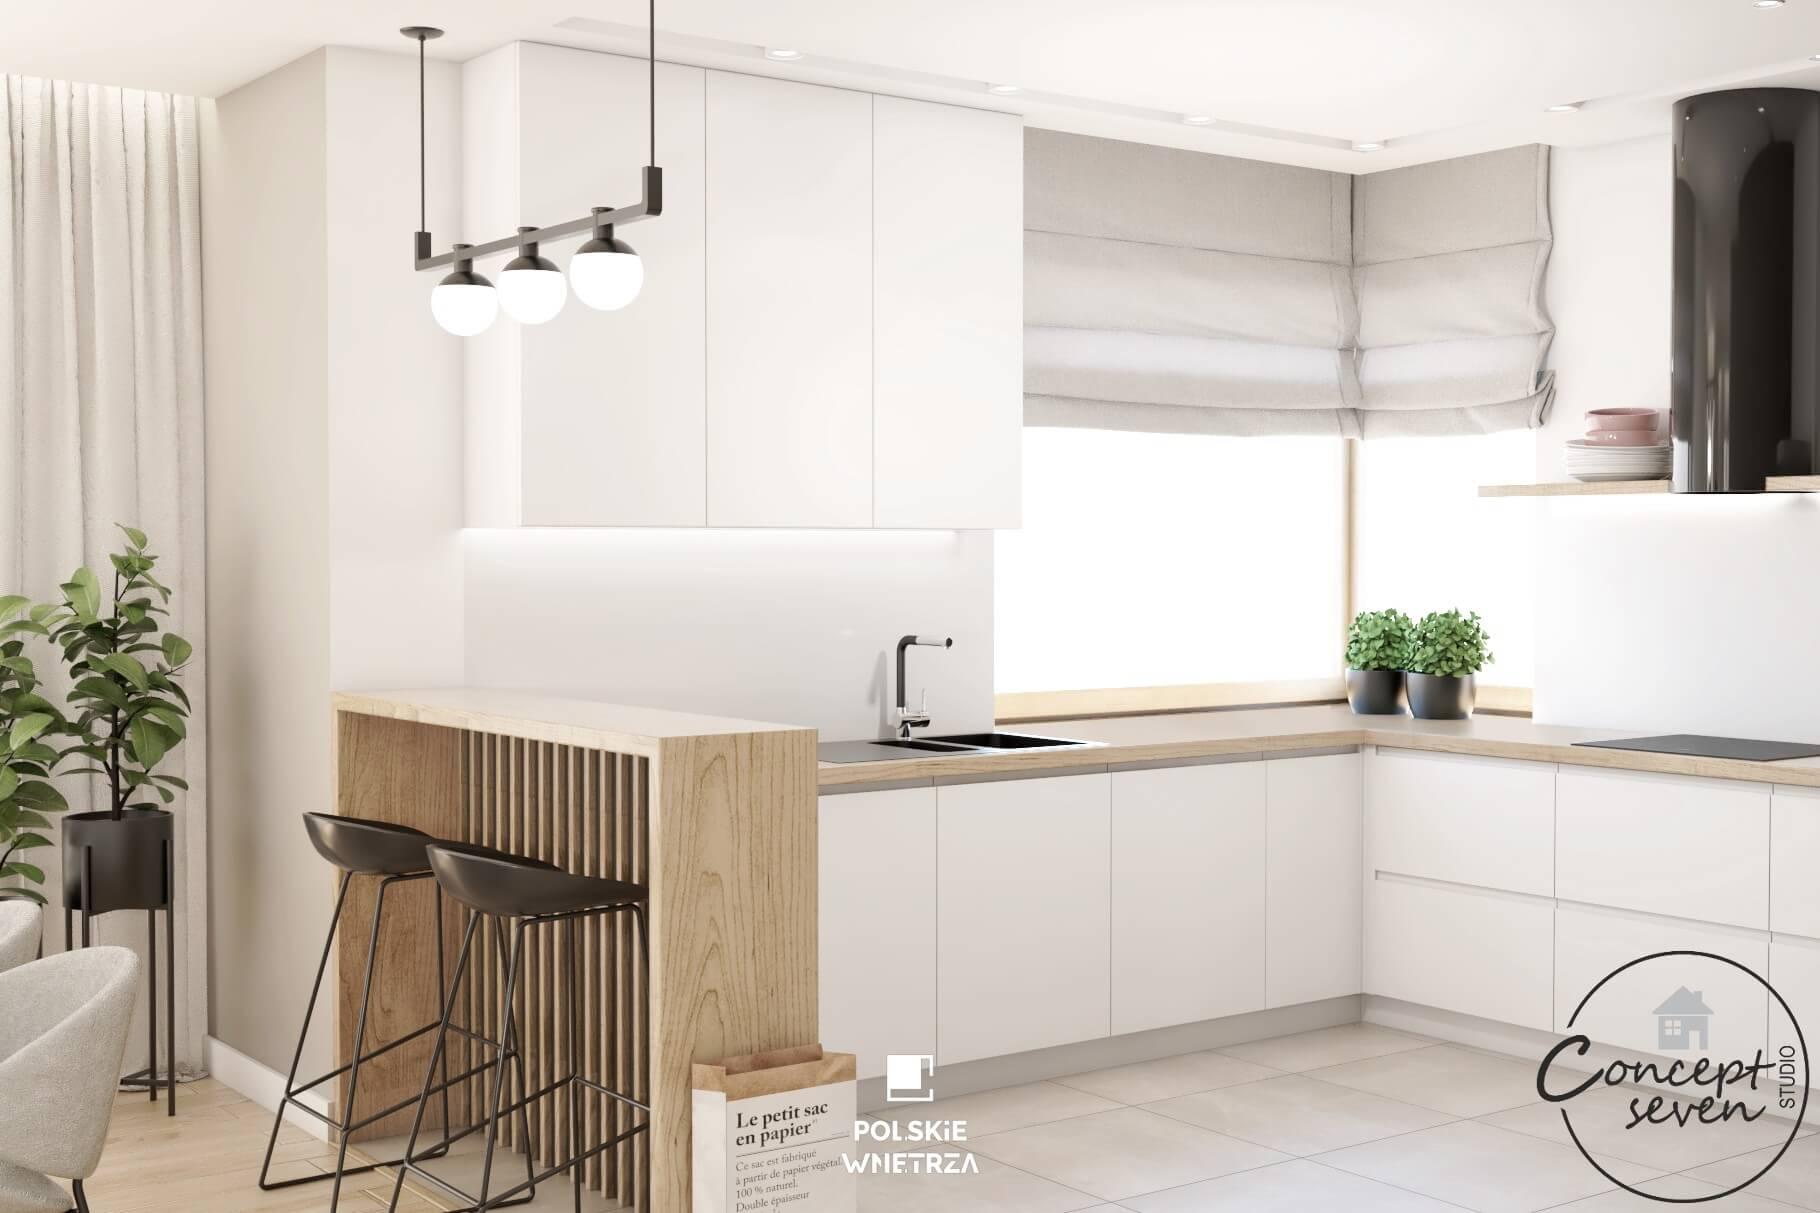 MintSky projekt wnętrza w minimalistycznym stylu - Polskie Wnętrza